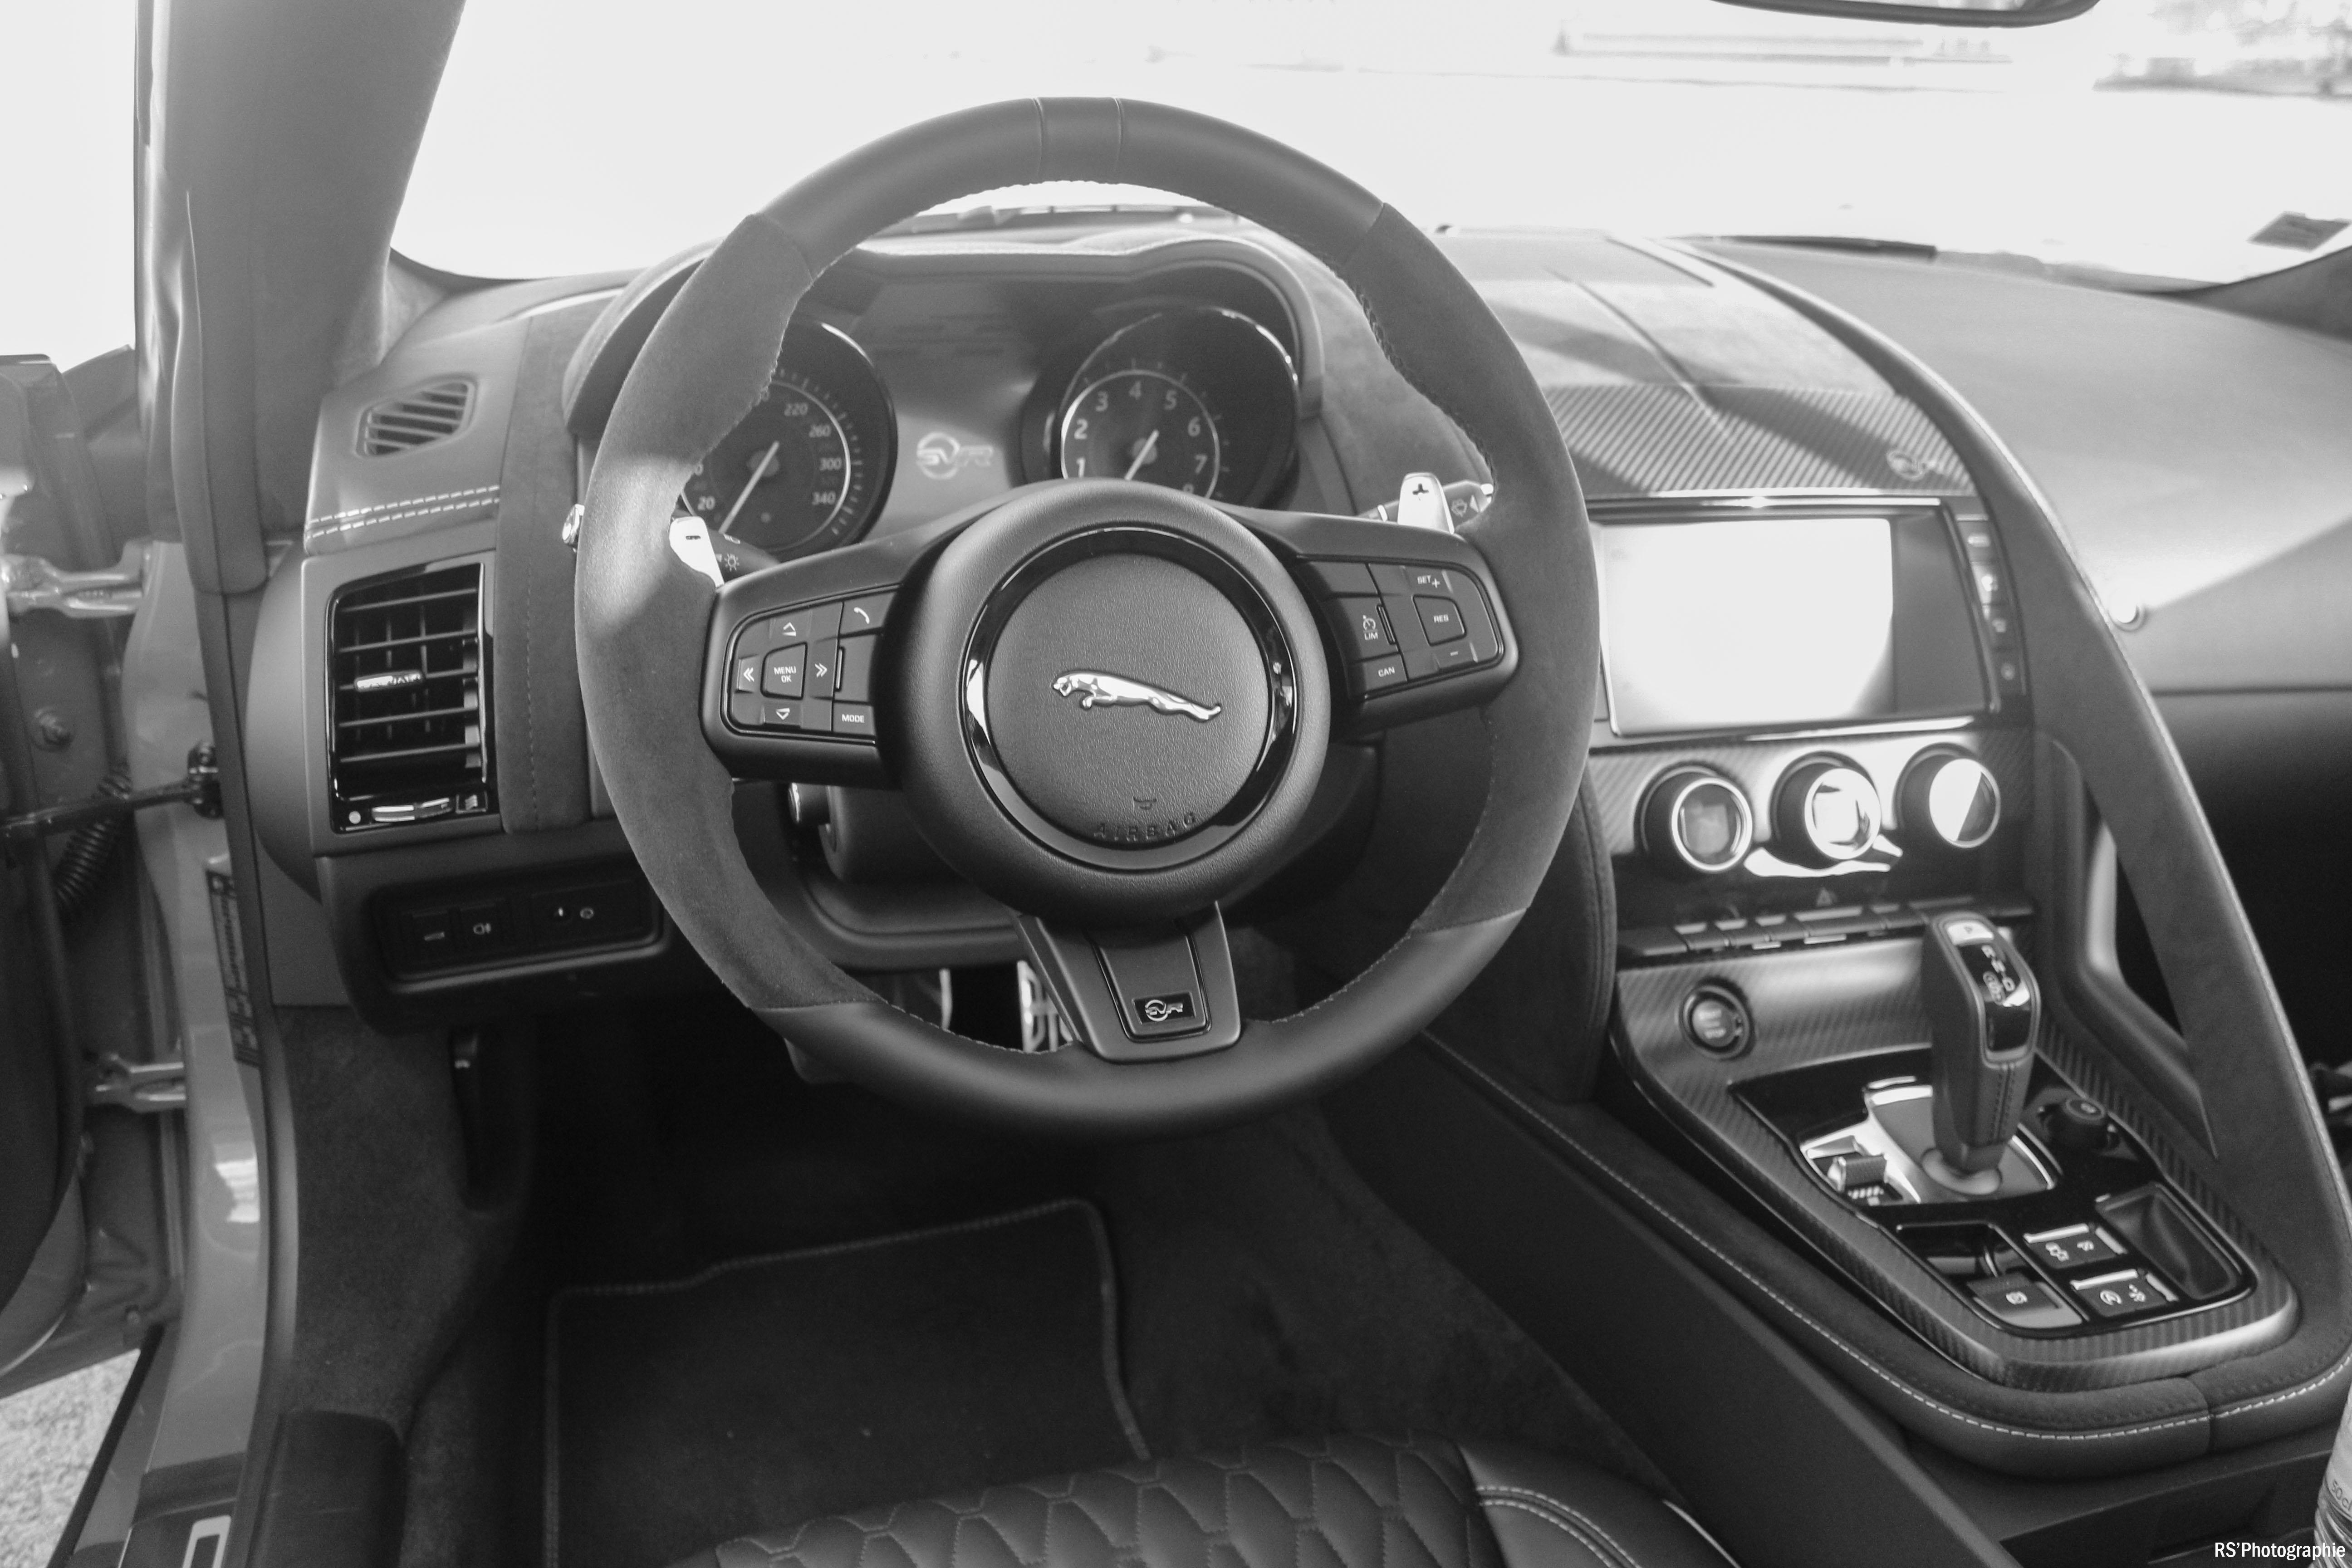 jaguarftypesvr55-jaguar-ftype-svr-intérieur-onboard-arnaud-demasier-rsphotographie